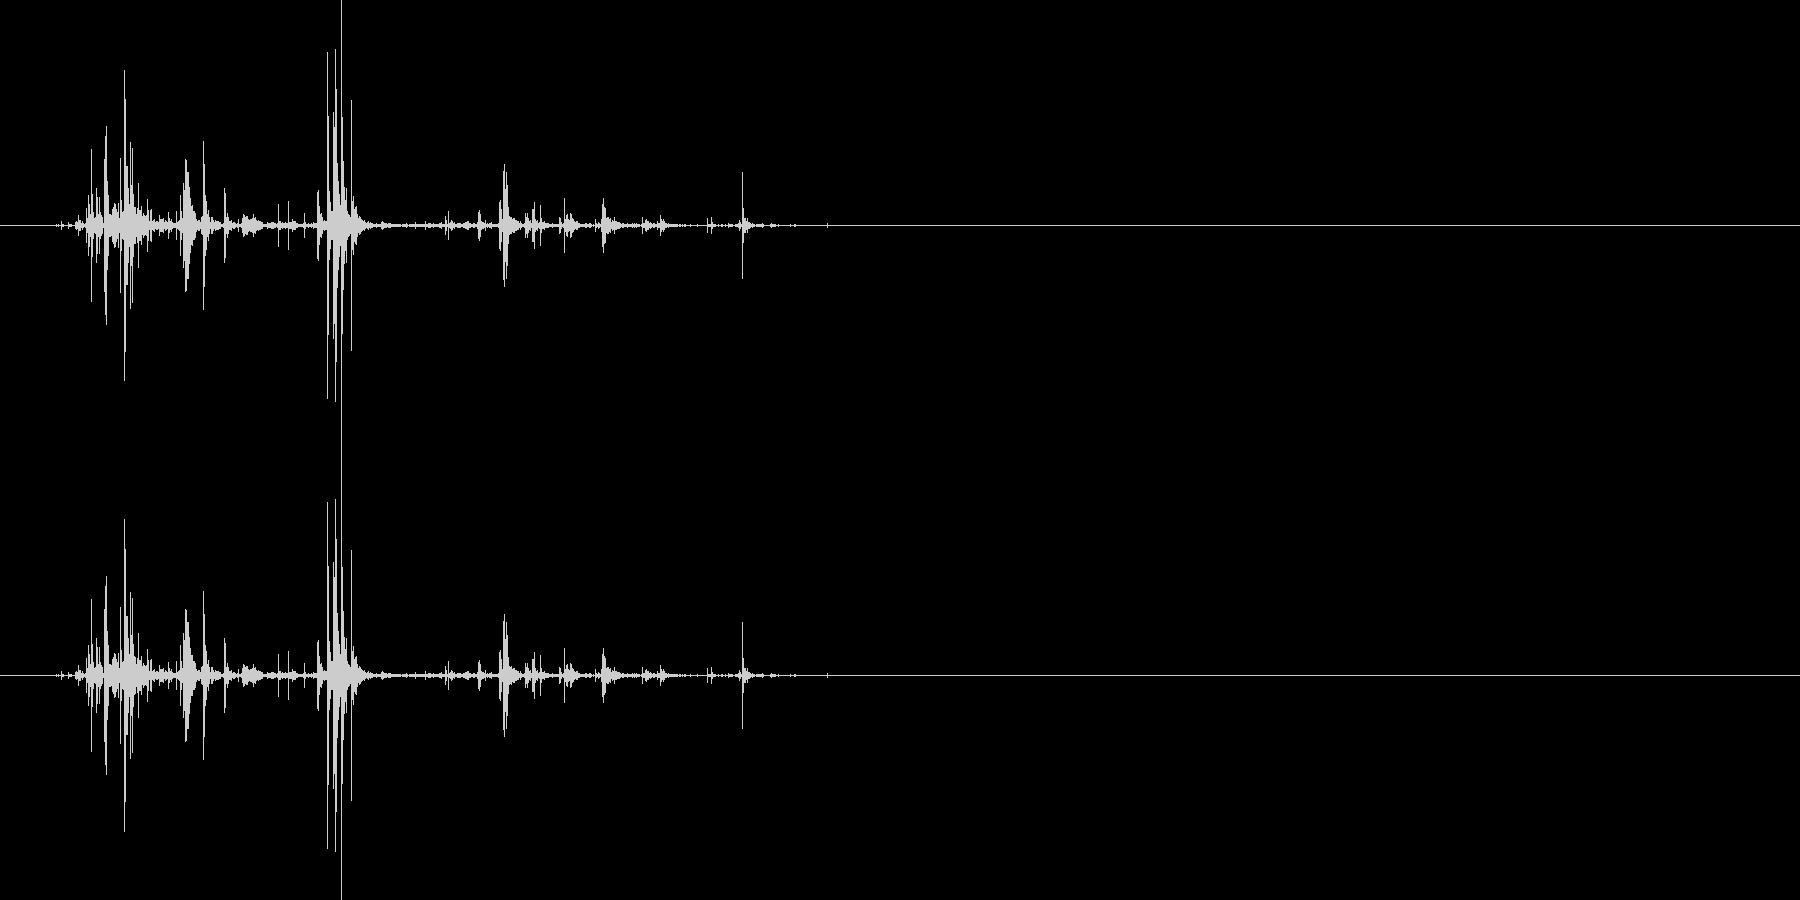 ネバネバしたものを潰す音7の未再生の波形